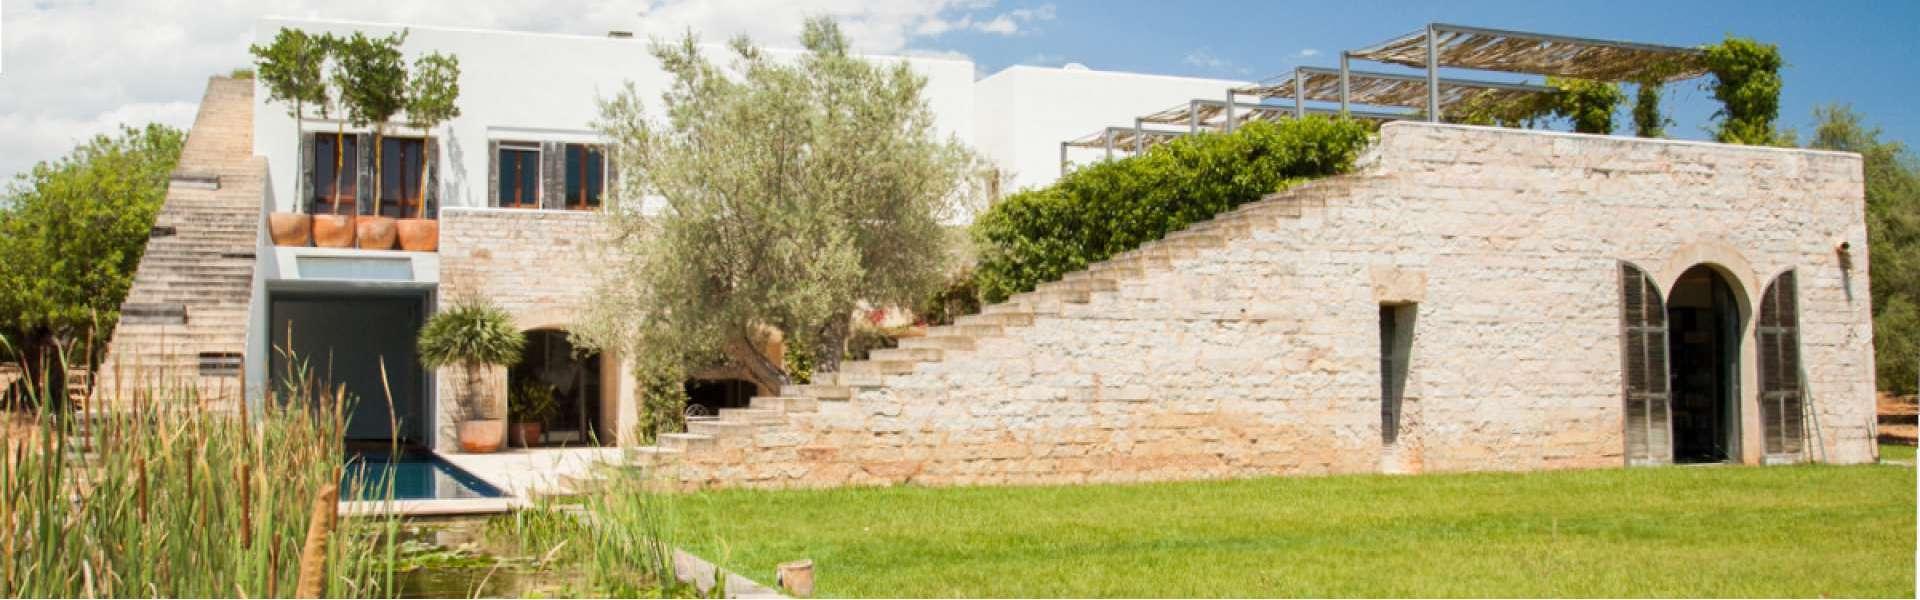 Cas Concos - Aussergewöhnliches Finca-Anwesen